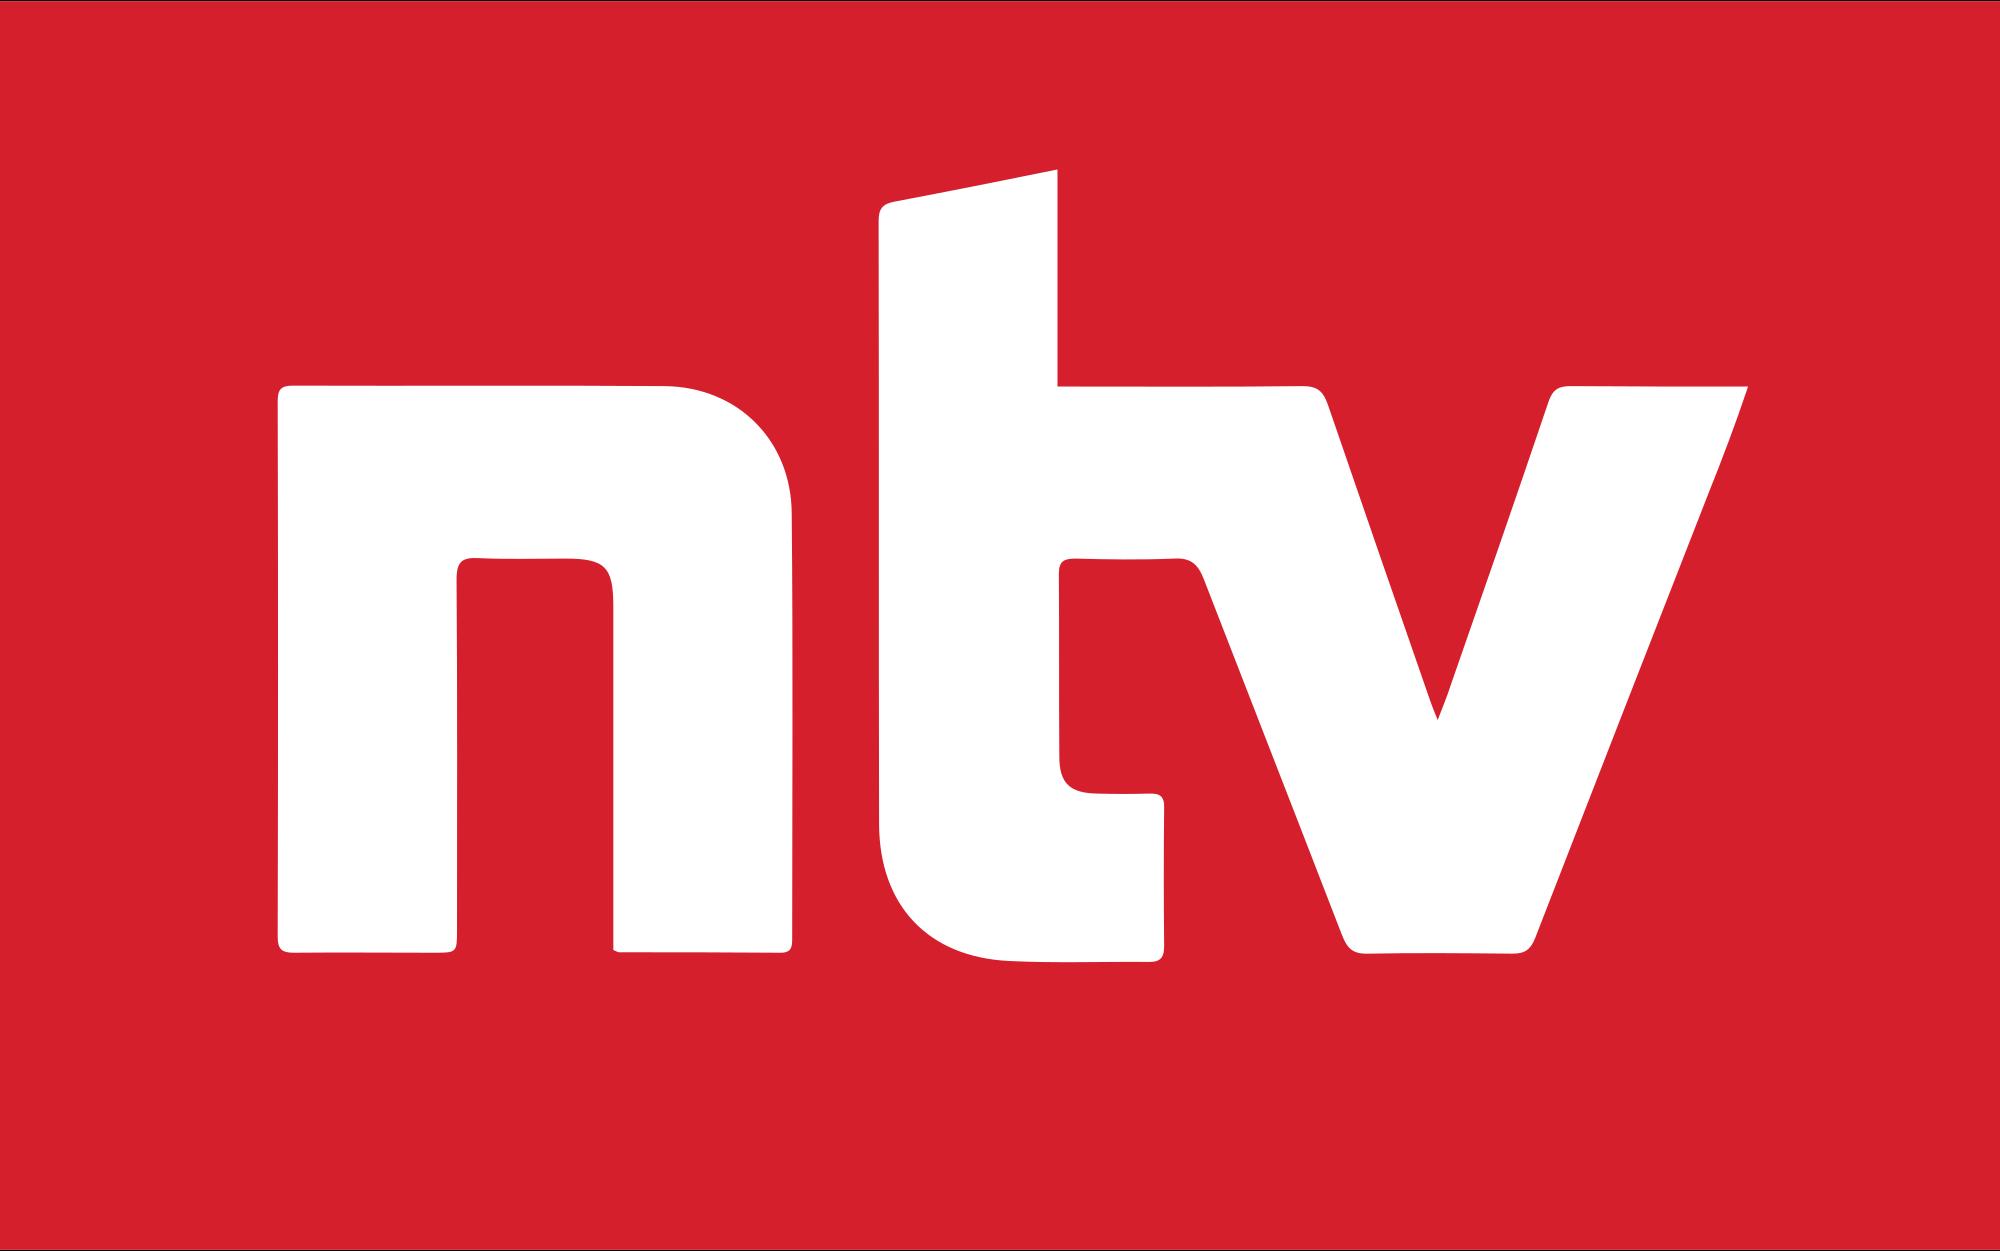 N-tv logopng